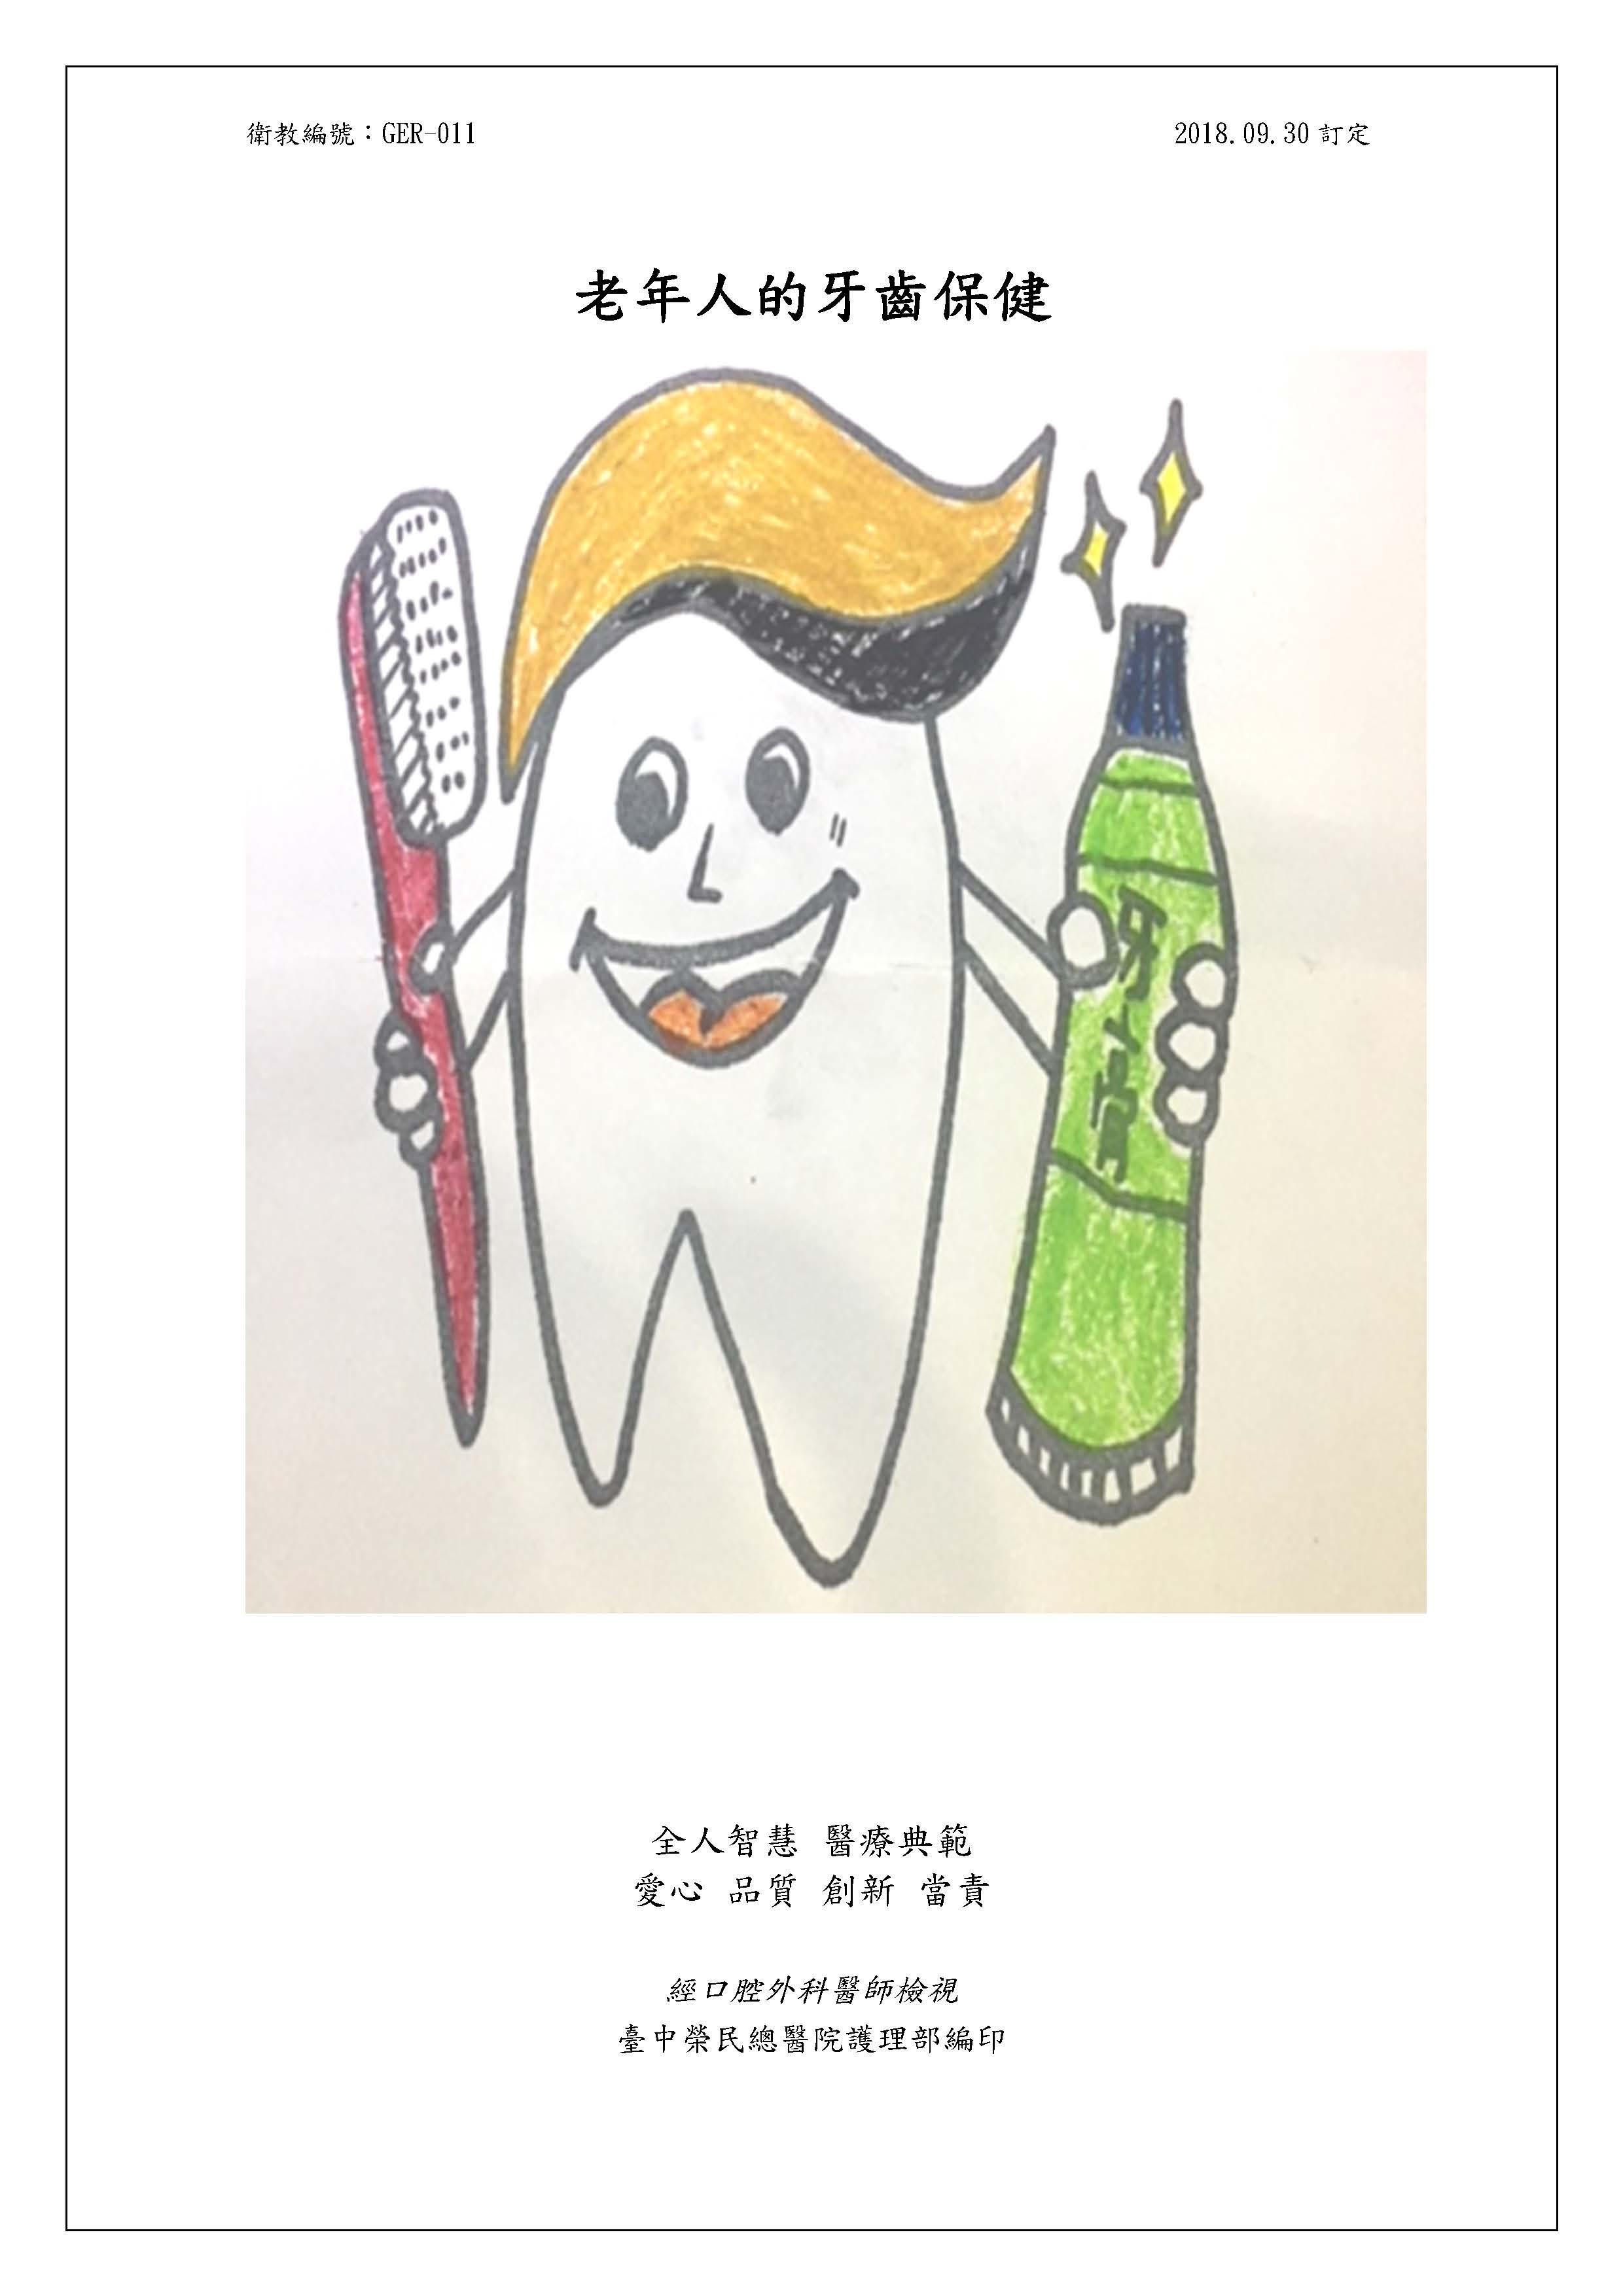 老年人的牙齒保健衛教單張